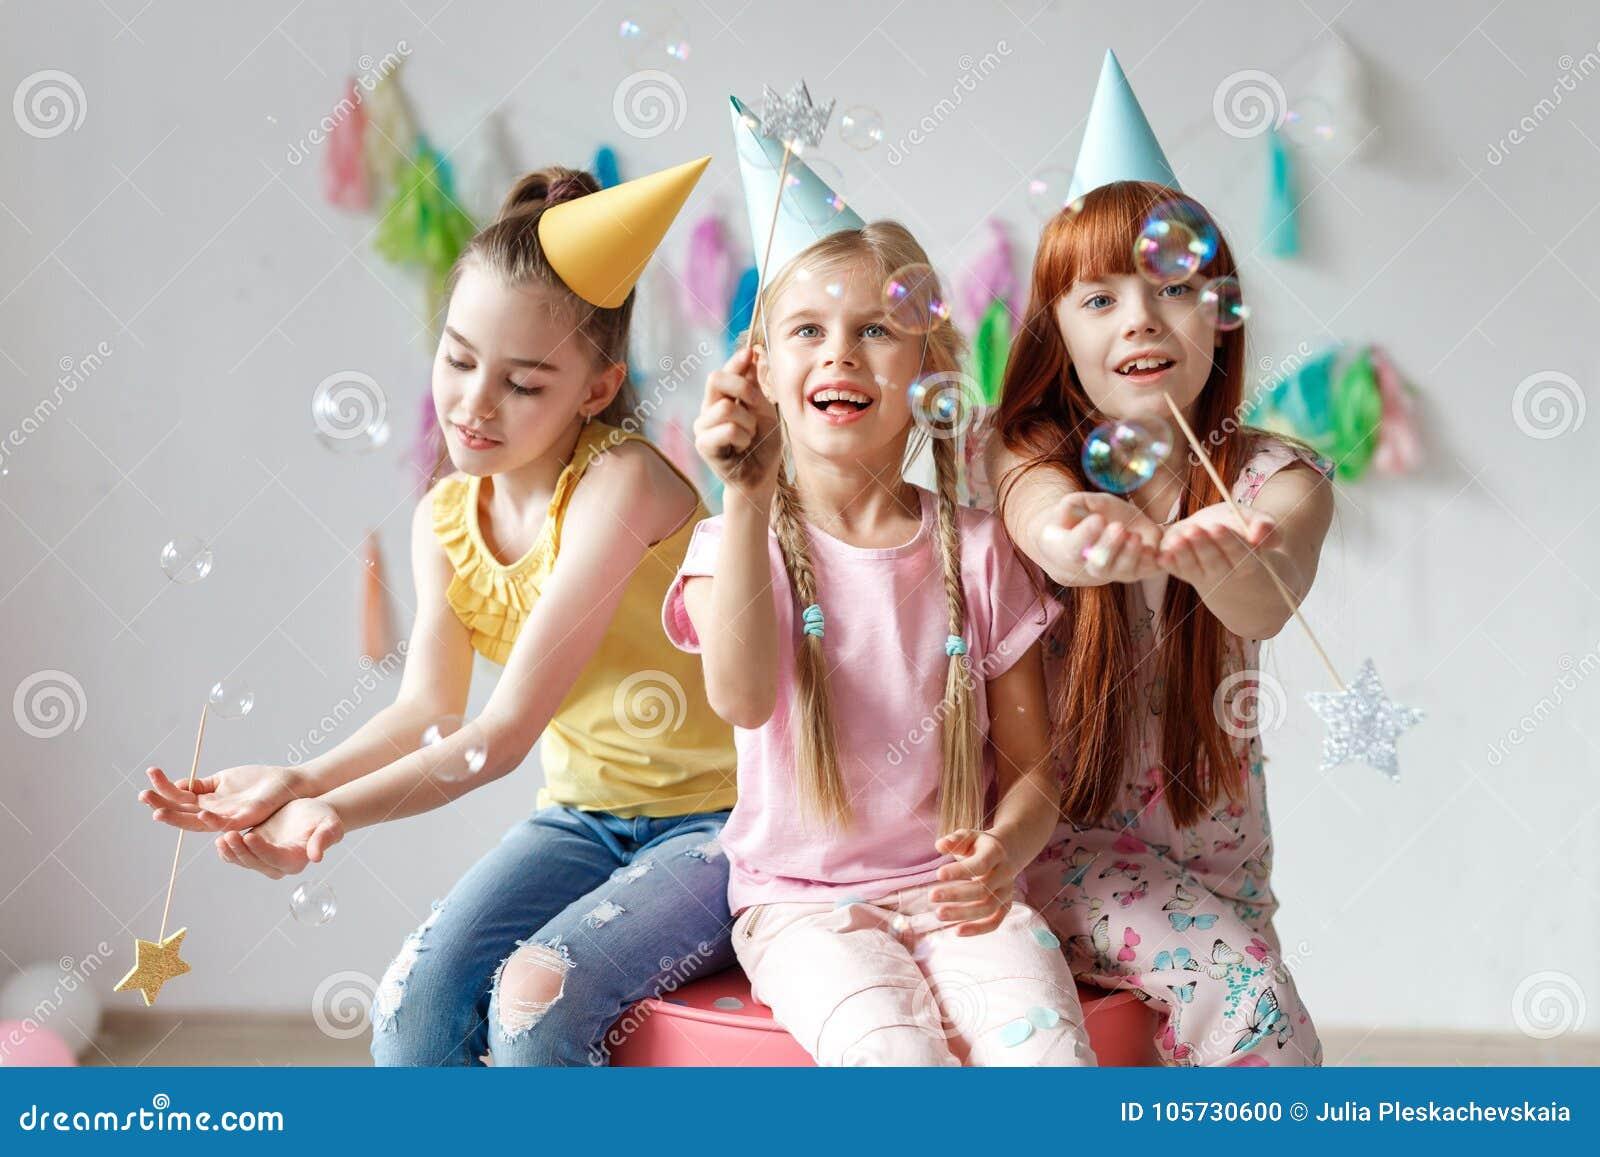 Портрет 3 красивых девушек носит праздничные крышки, играет с пузырями, сидит совместно на стуле, празднует день рождения, был